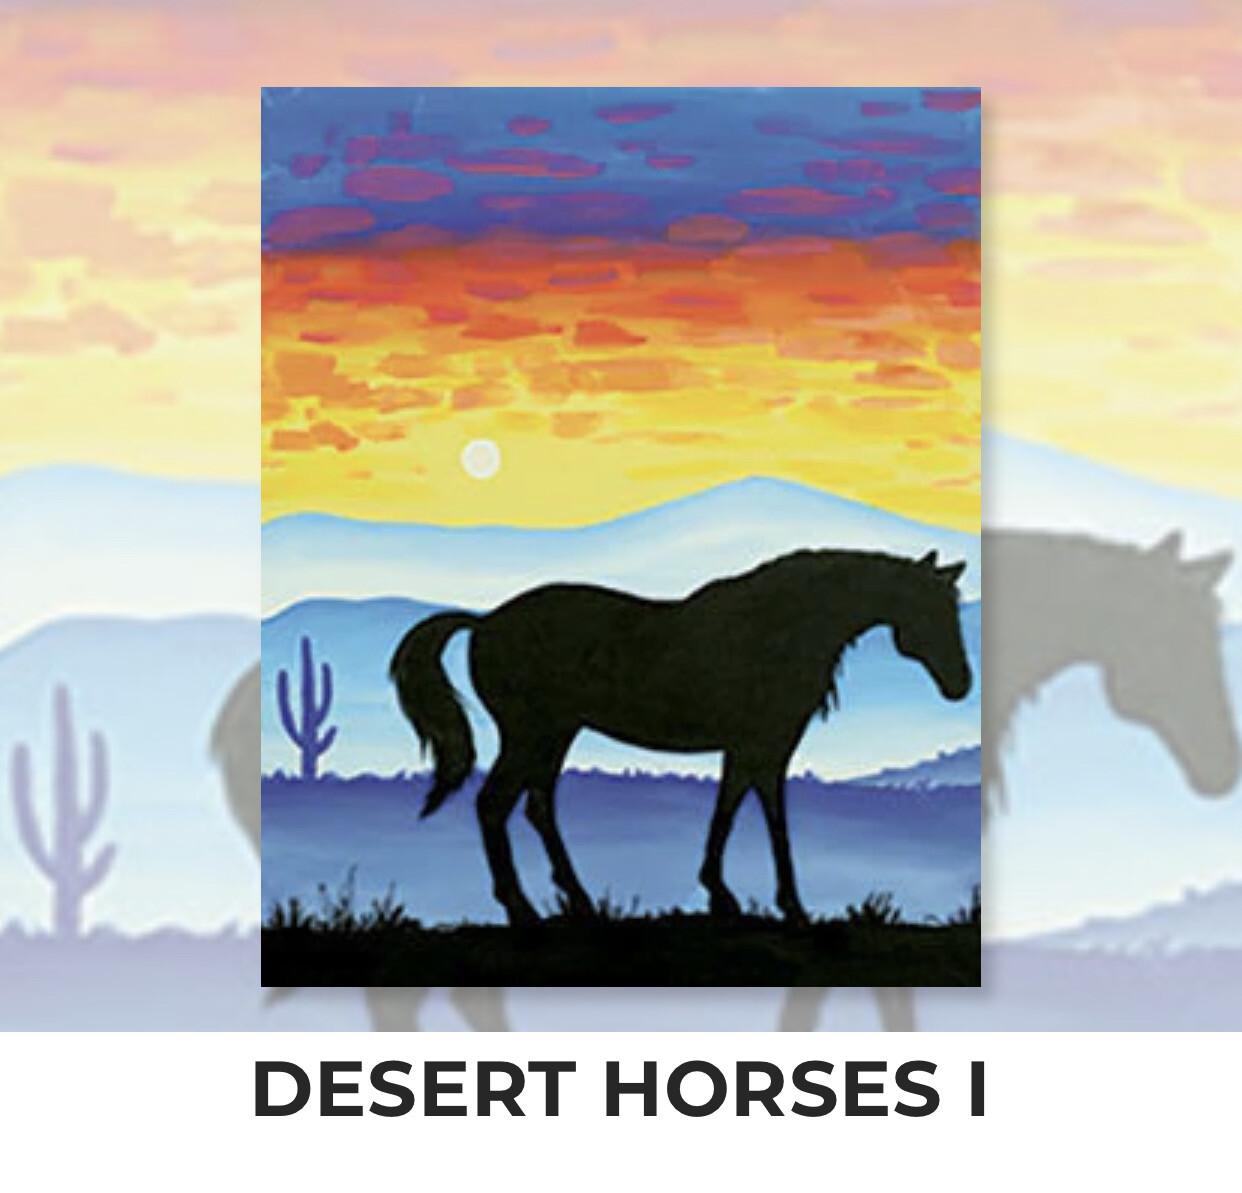 Desert Horses I ADULT Acrylic Paint On Canvas DIY Art Kit - 3 Week Special Order